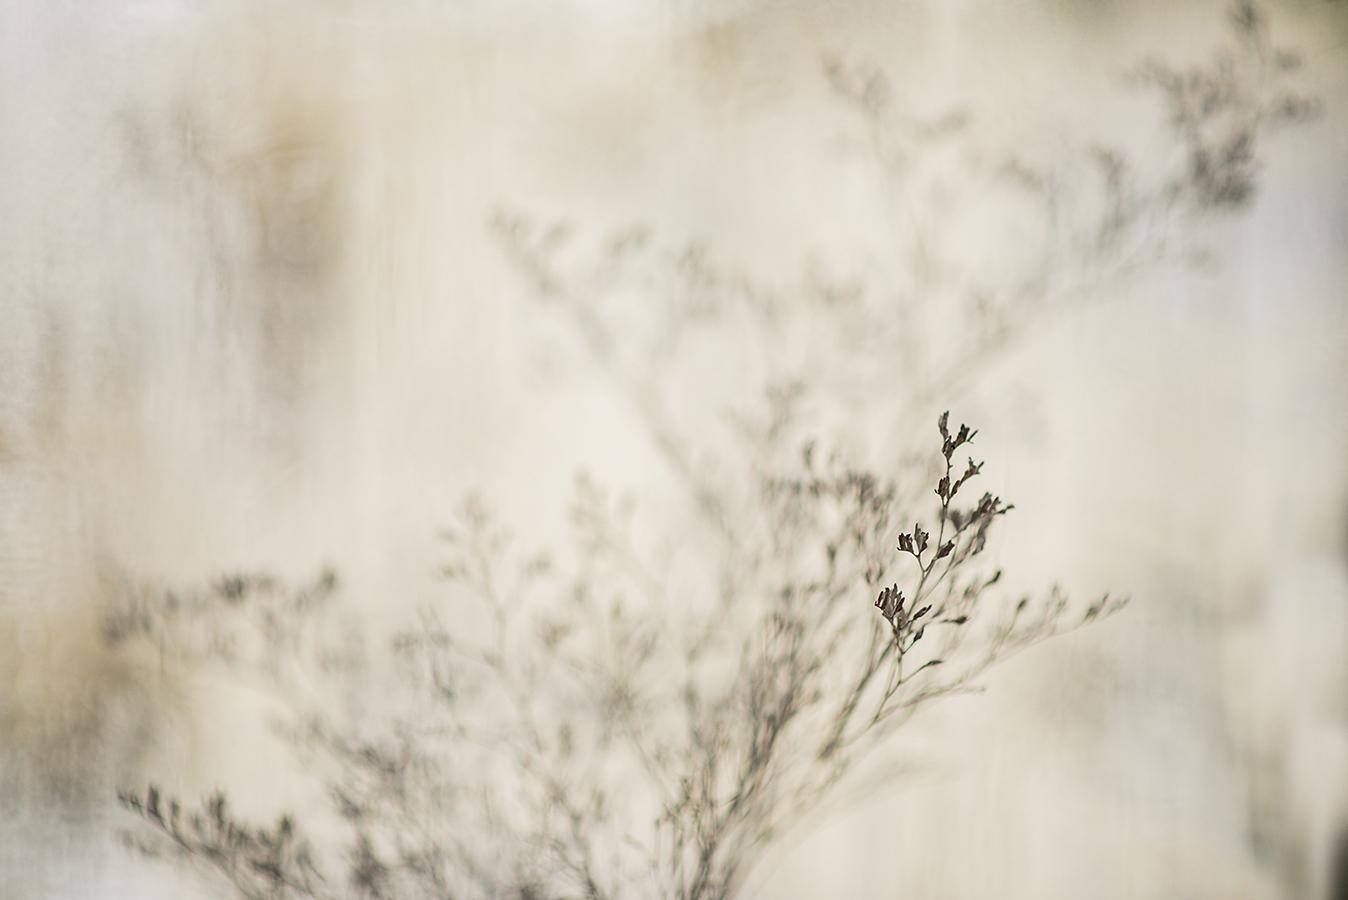 MILUNA-Ewa-Milun-Walczak-Piekne-Kwiaty-Zimowy-Zima-makro-suchotka-bialy-8